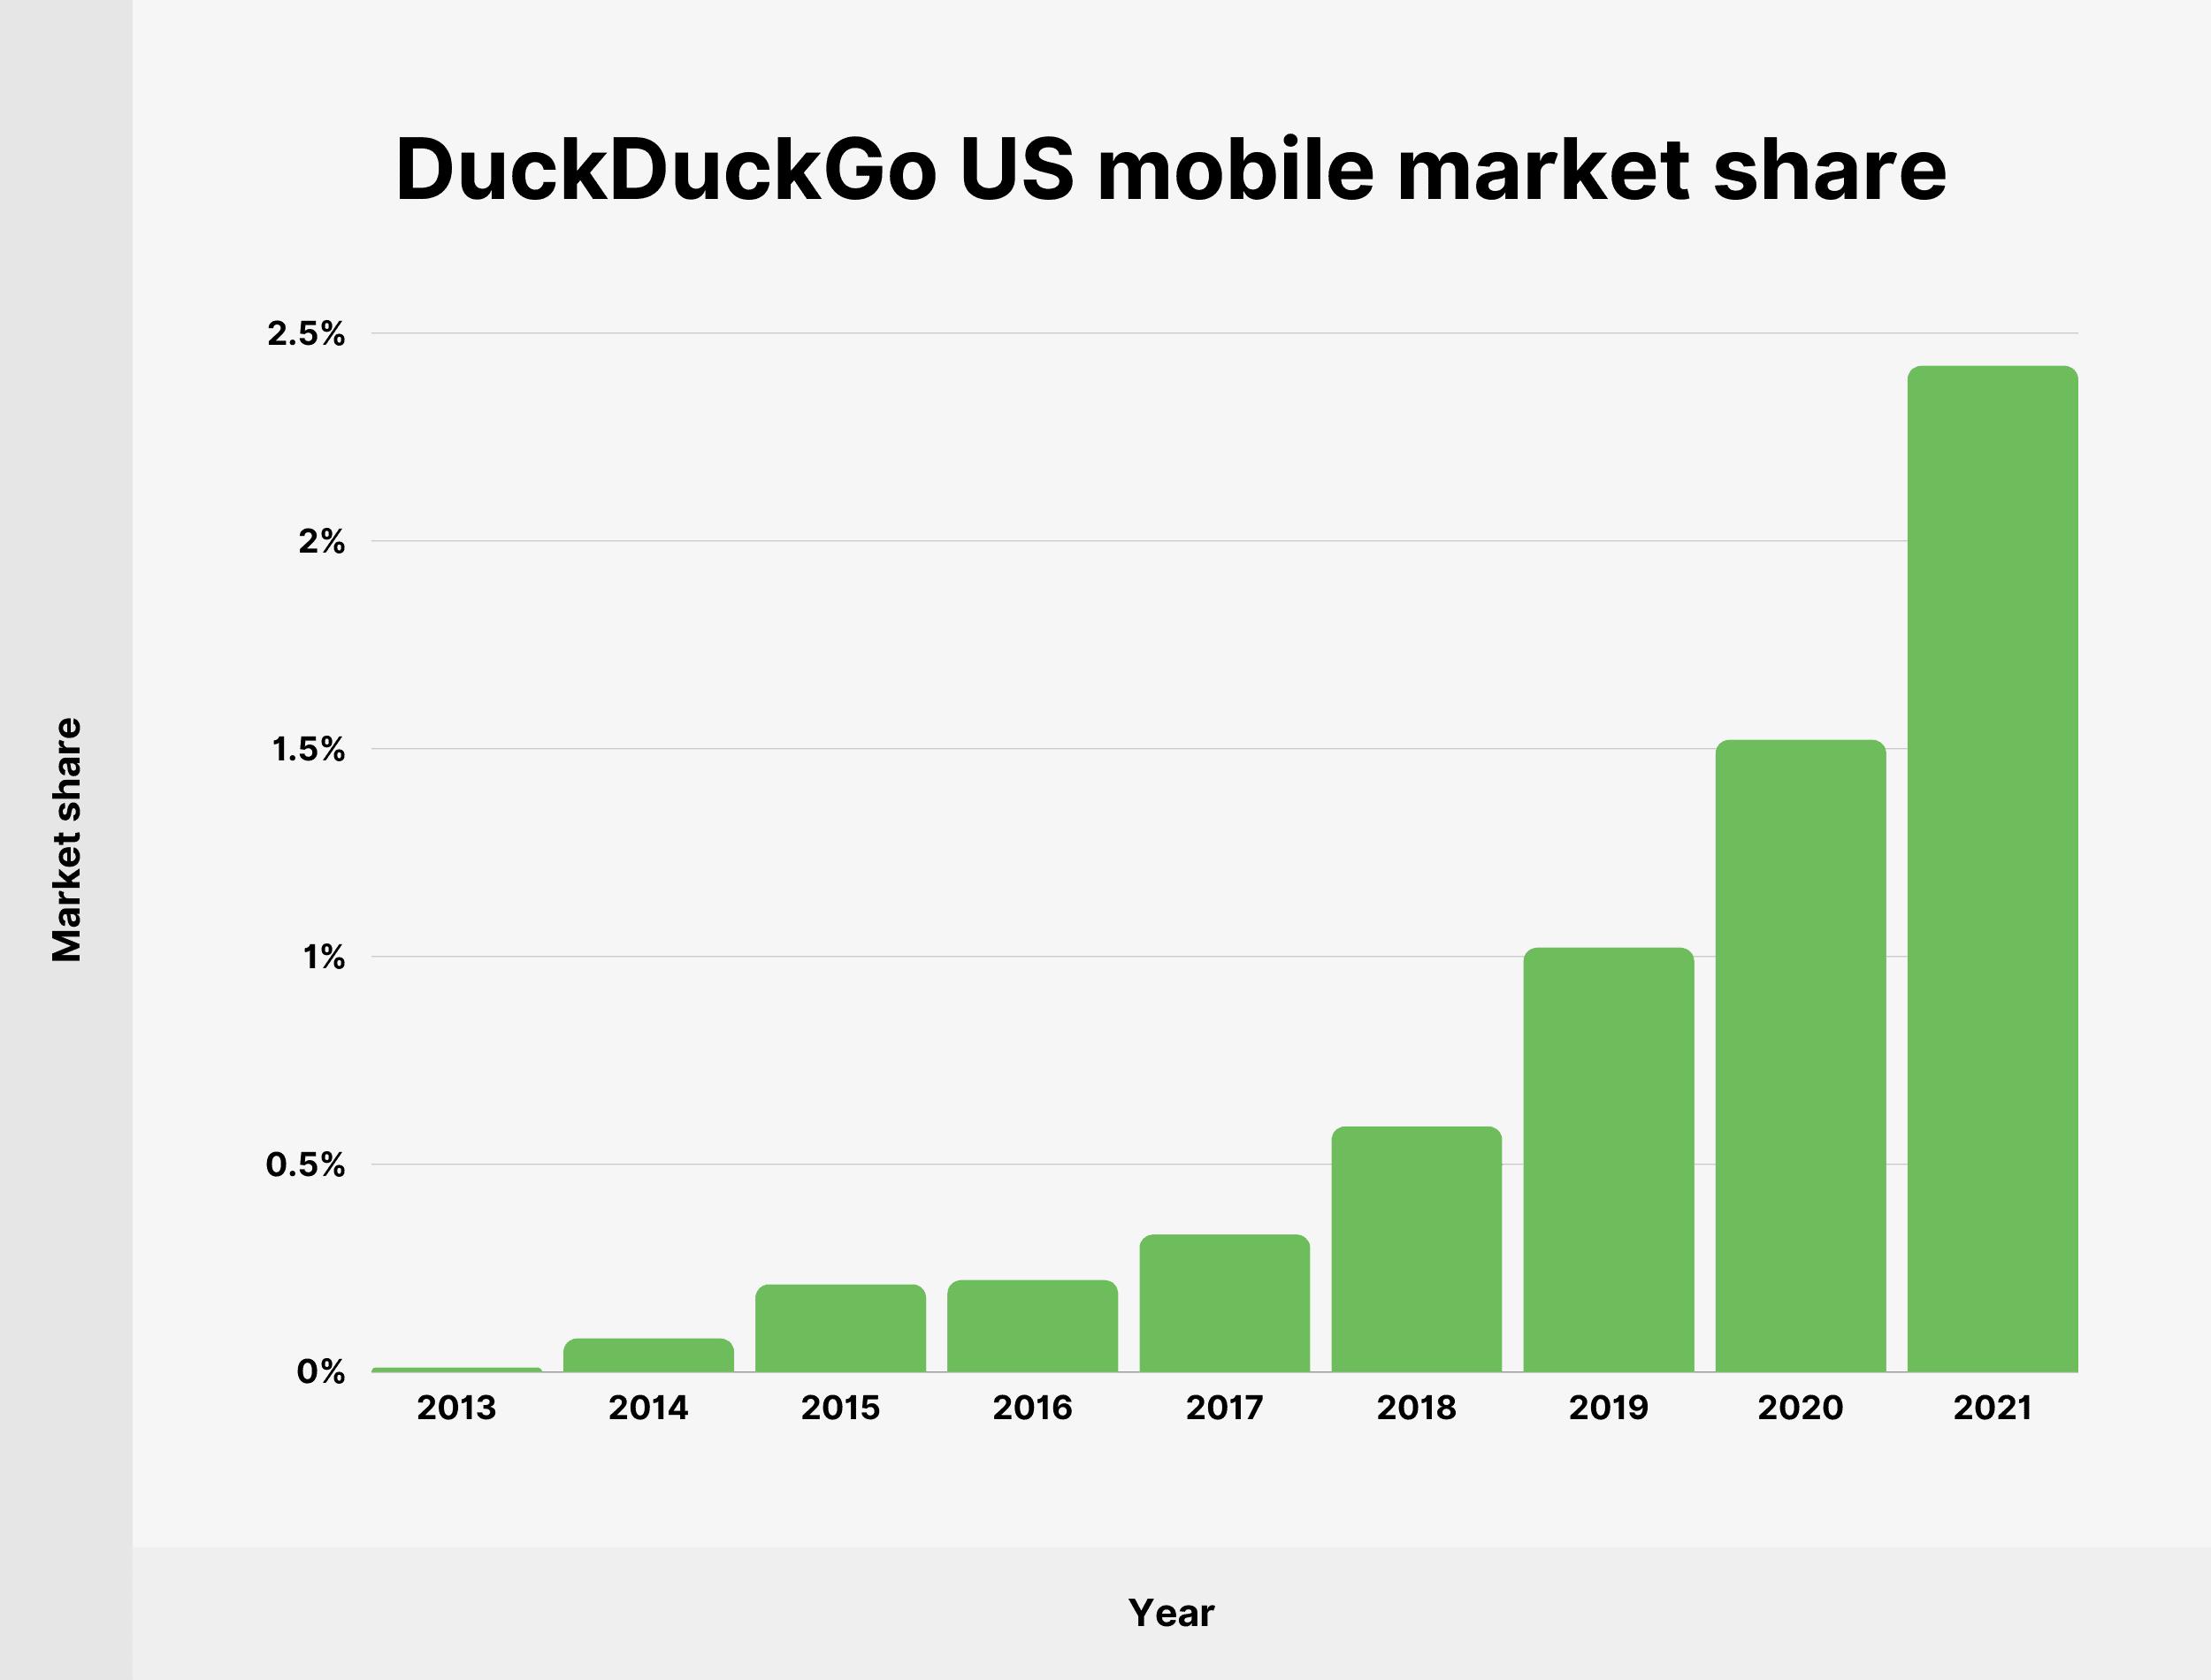 DuckDuckGo US mobile market share